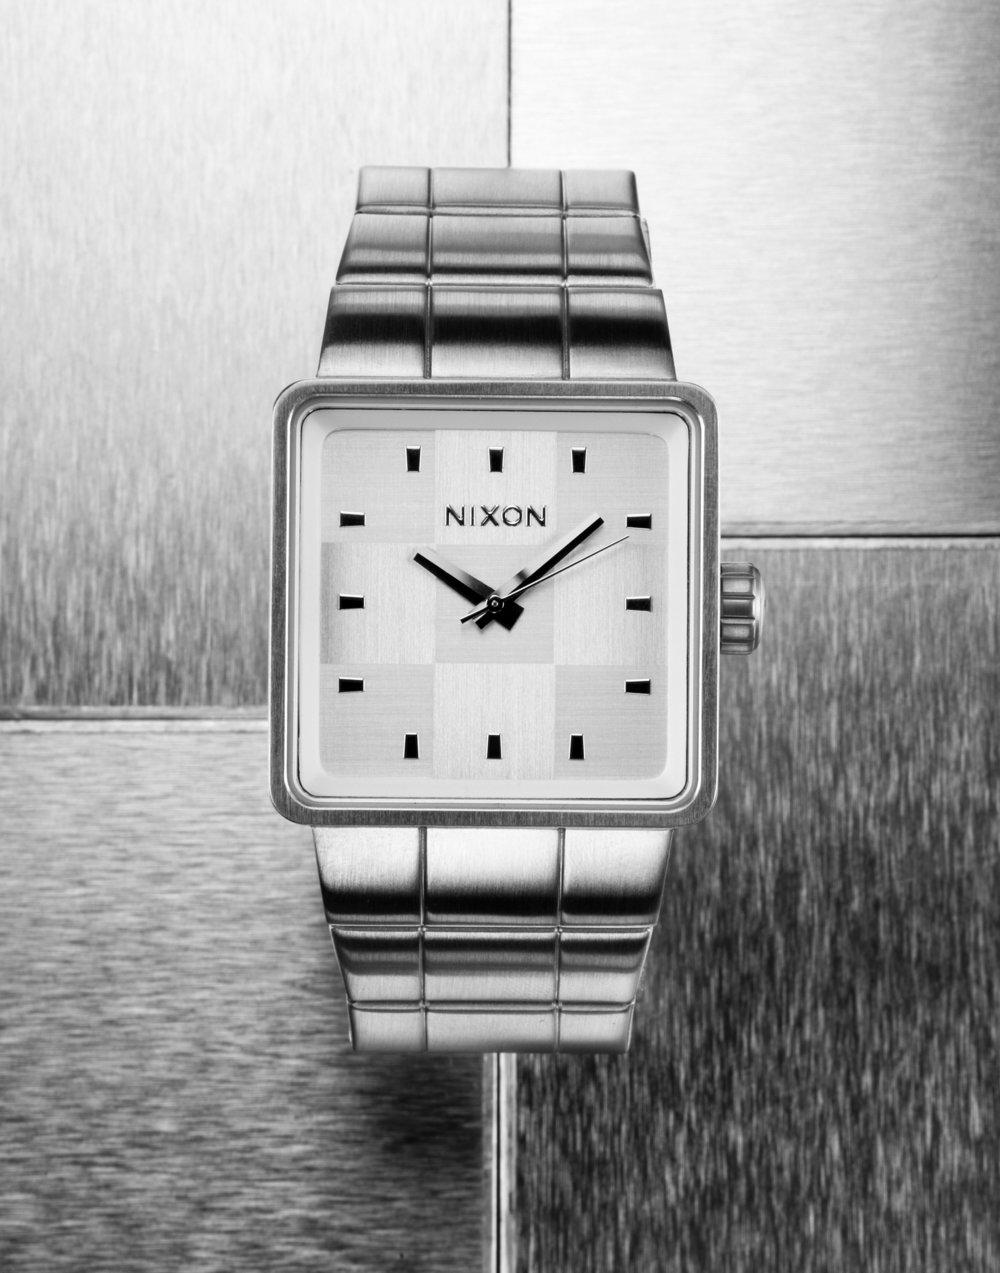 nixon watch.jpg